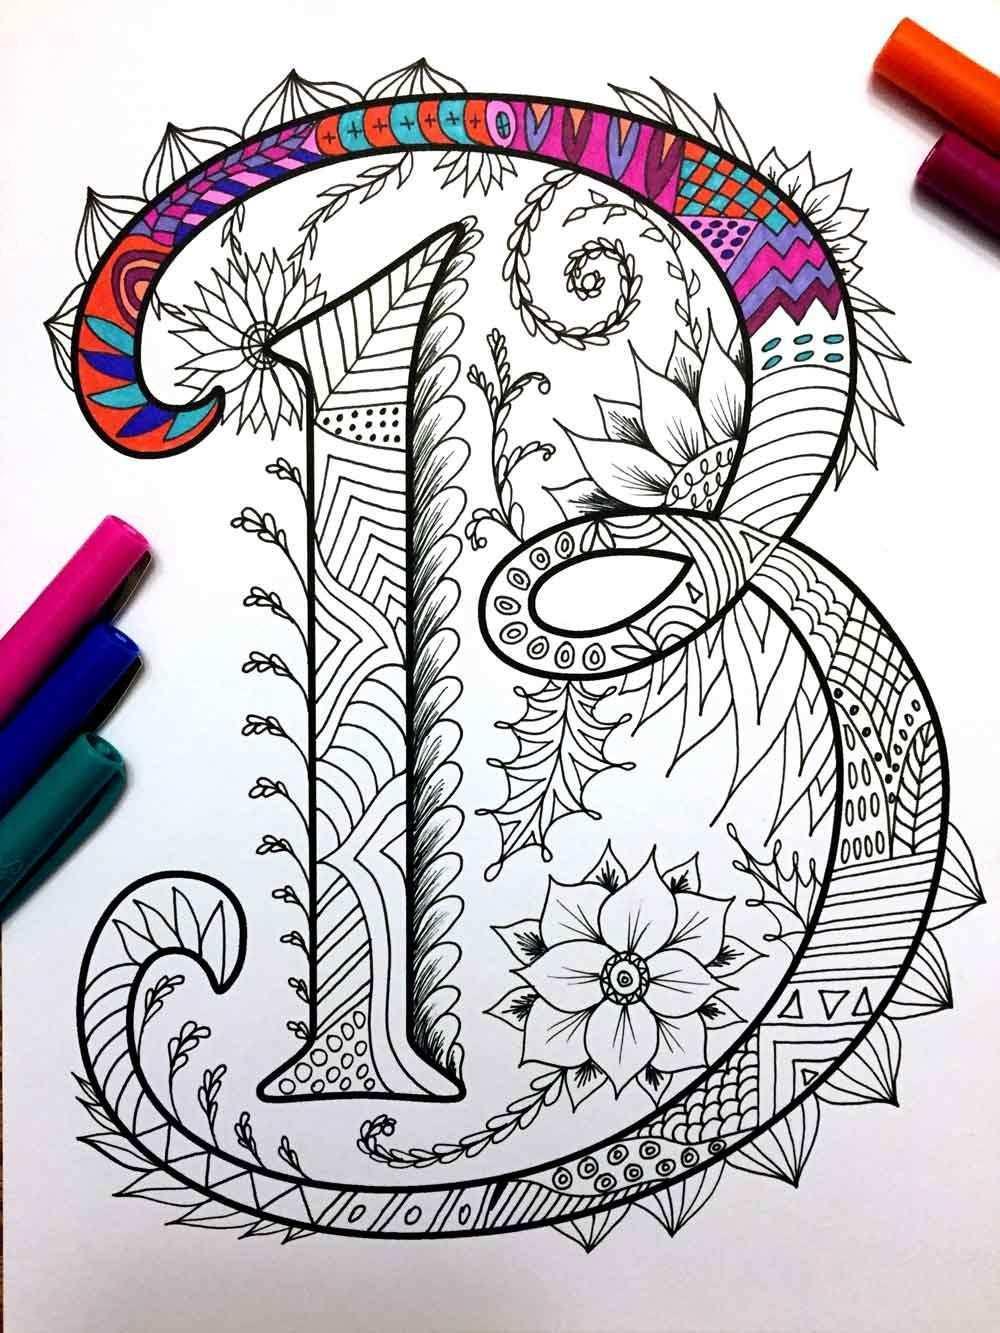 8 5 X 11 Pdf Malvorlagen Von Den Grossbuchstaben B Inspiriert Durch Die Schriftart Harrington Spass Fur Alle Zentangle Patterns Coloring Pages Coloring Books